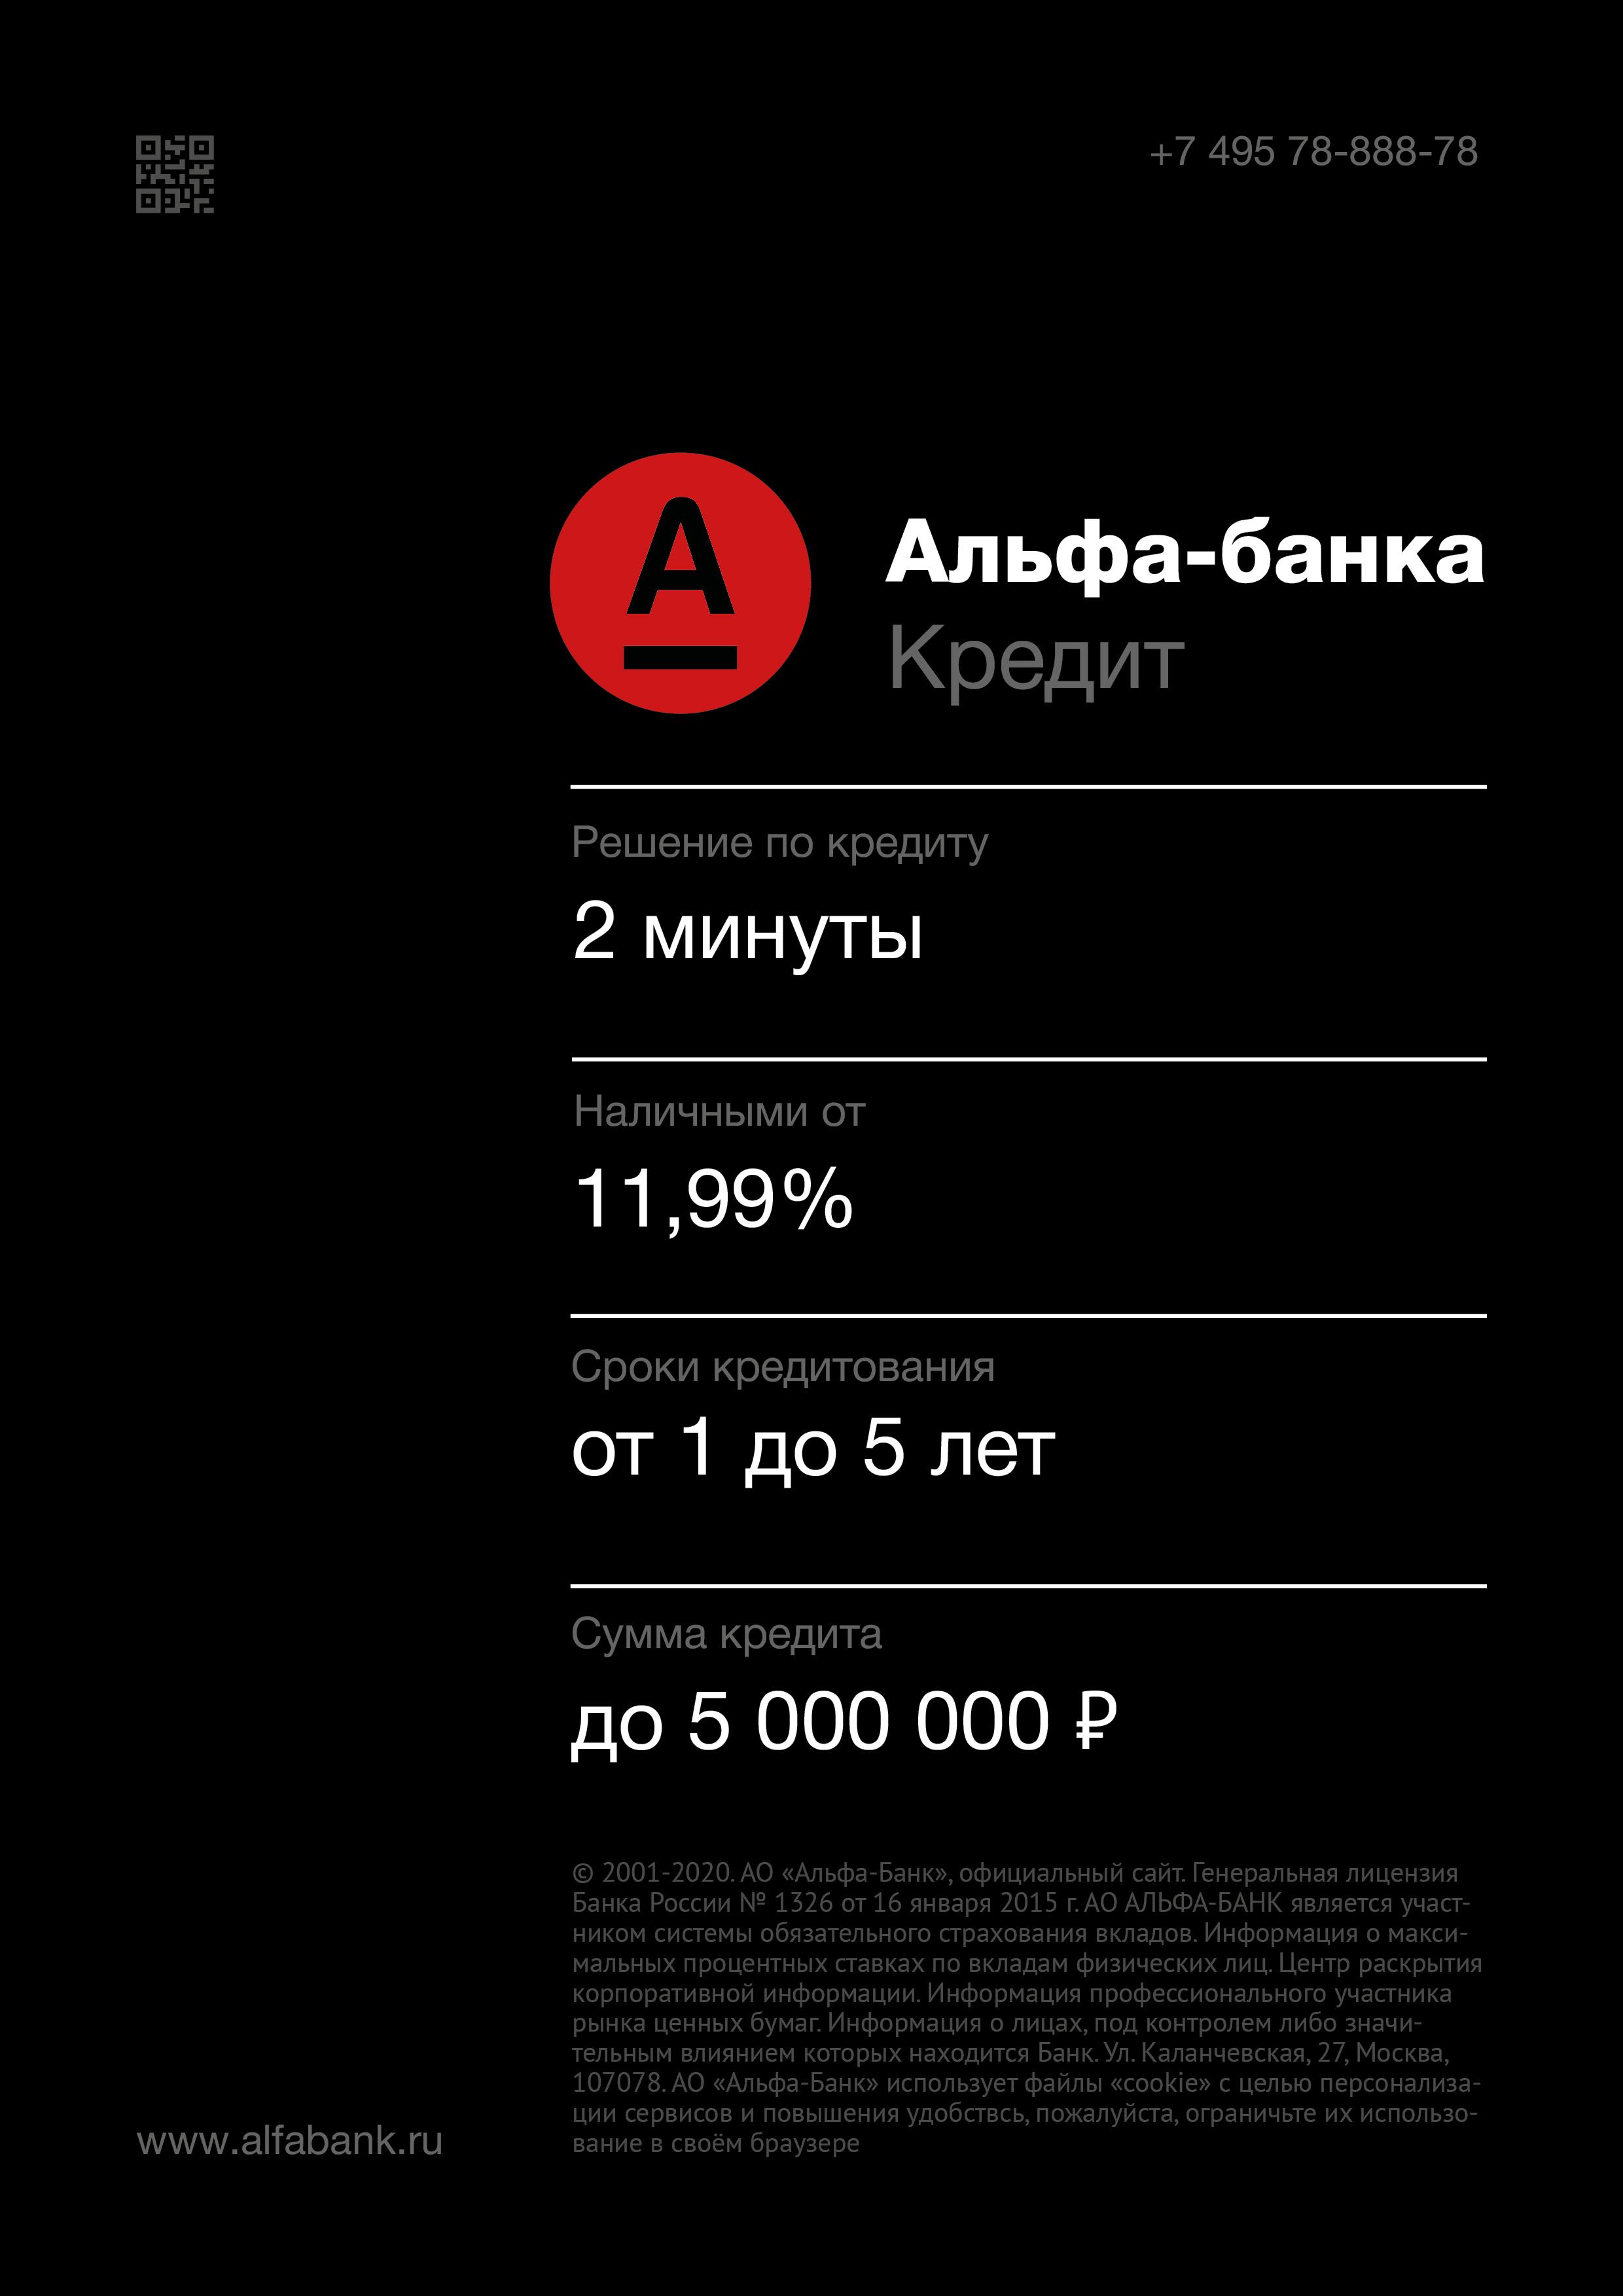 Листовка Альфа банк